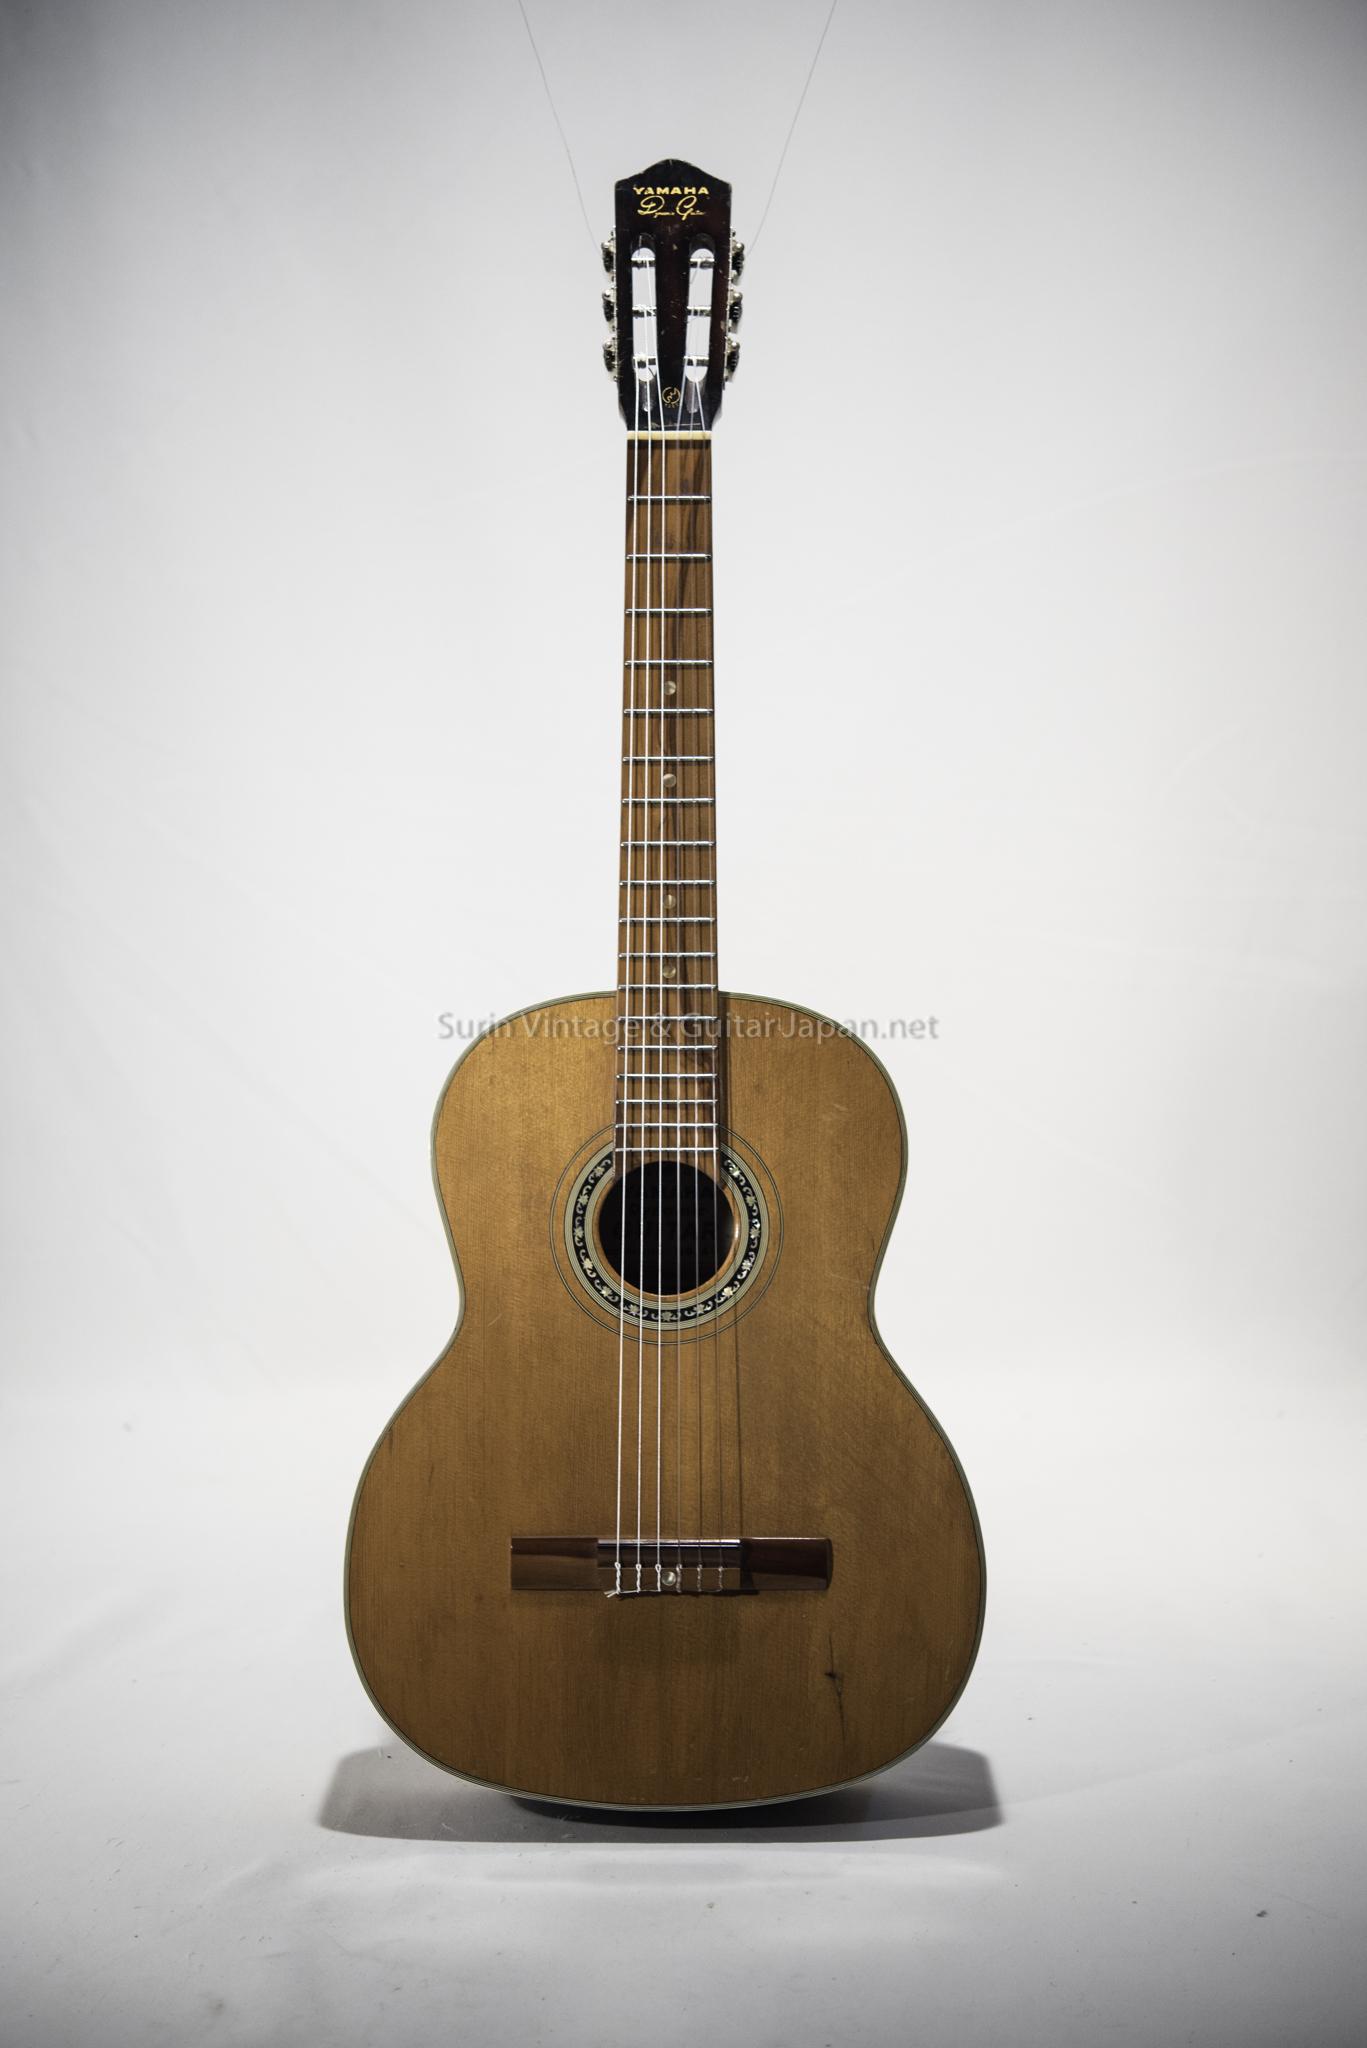 กีต้าร์คลาสสิคมือสอง YAMAHA Dynamic Guitar